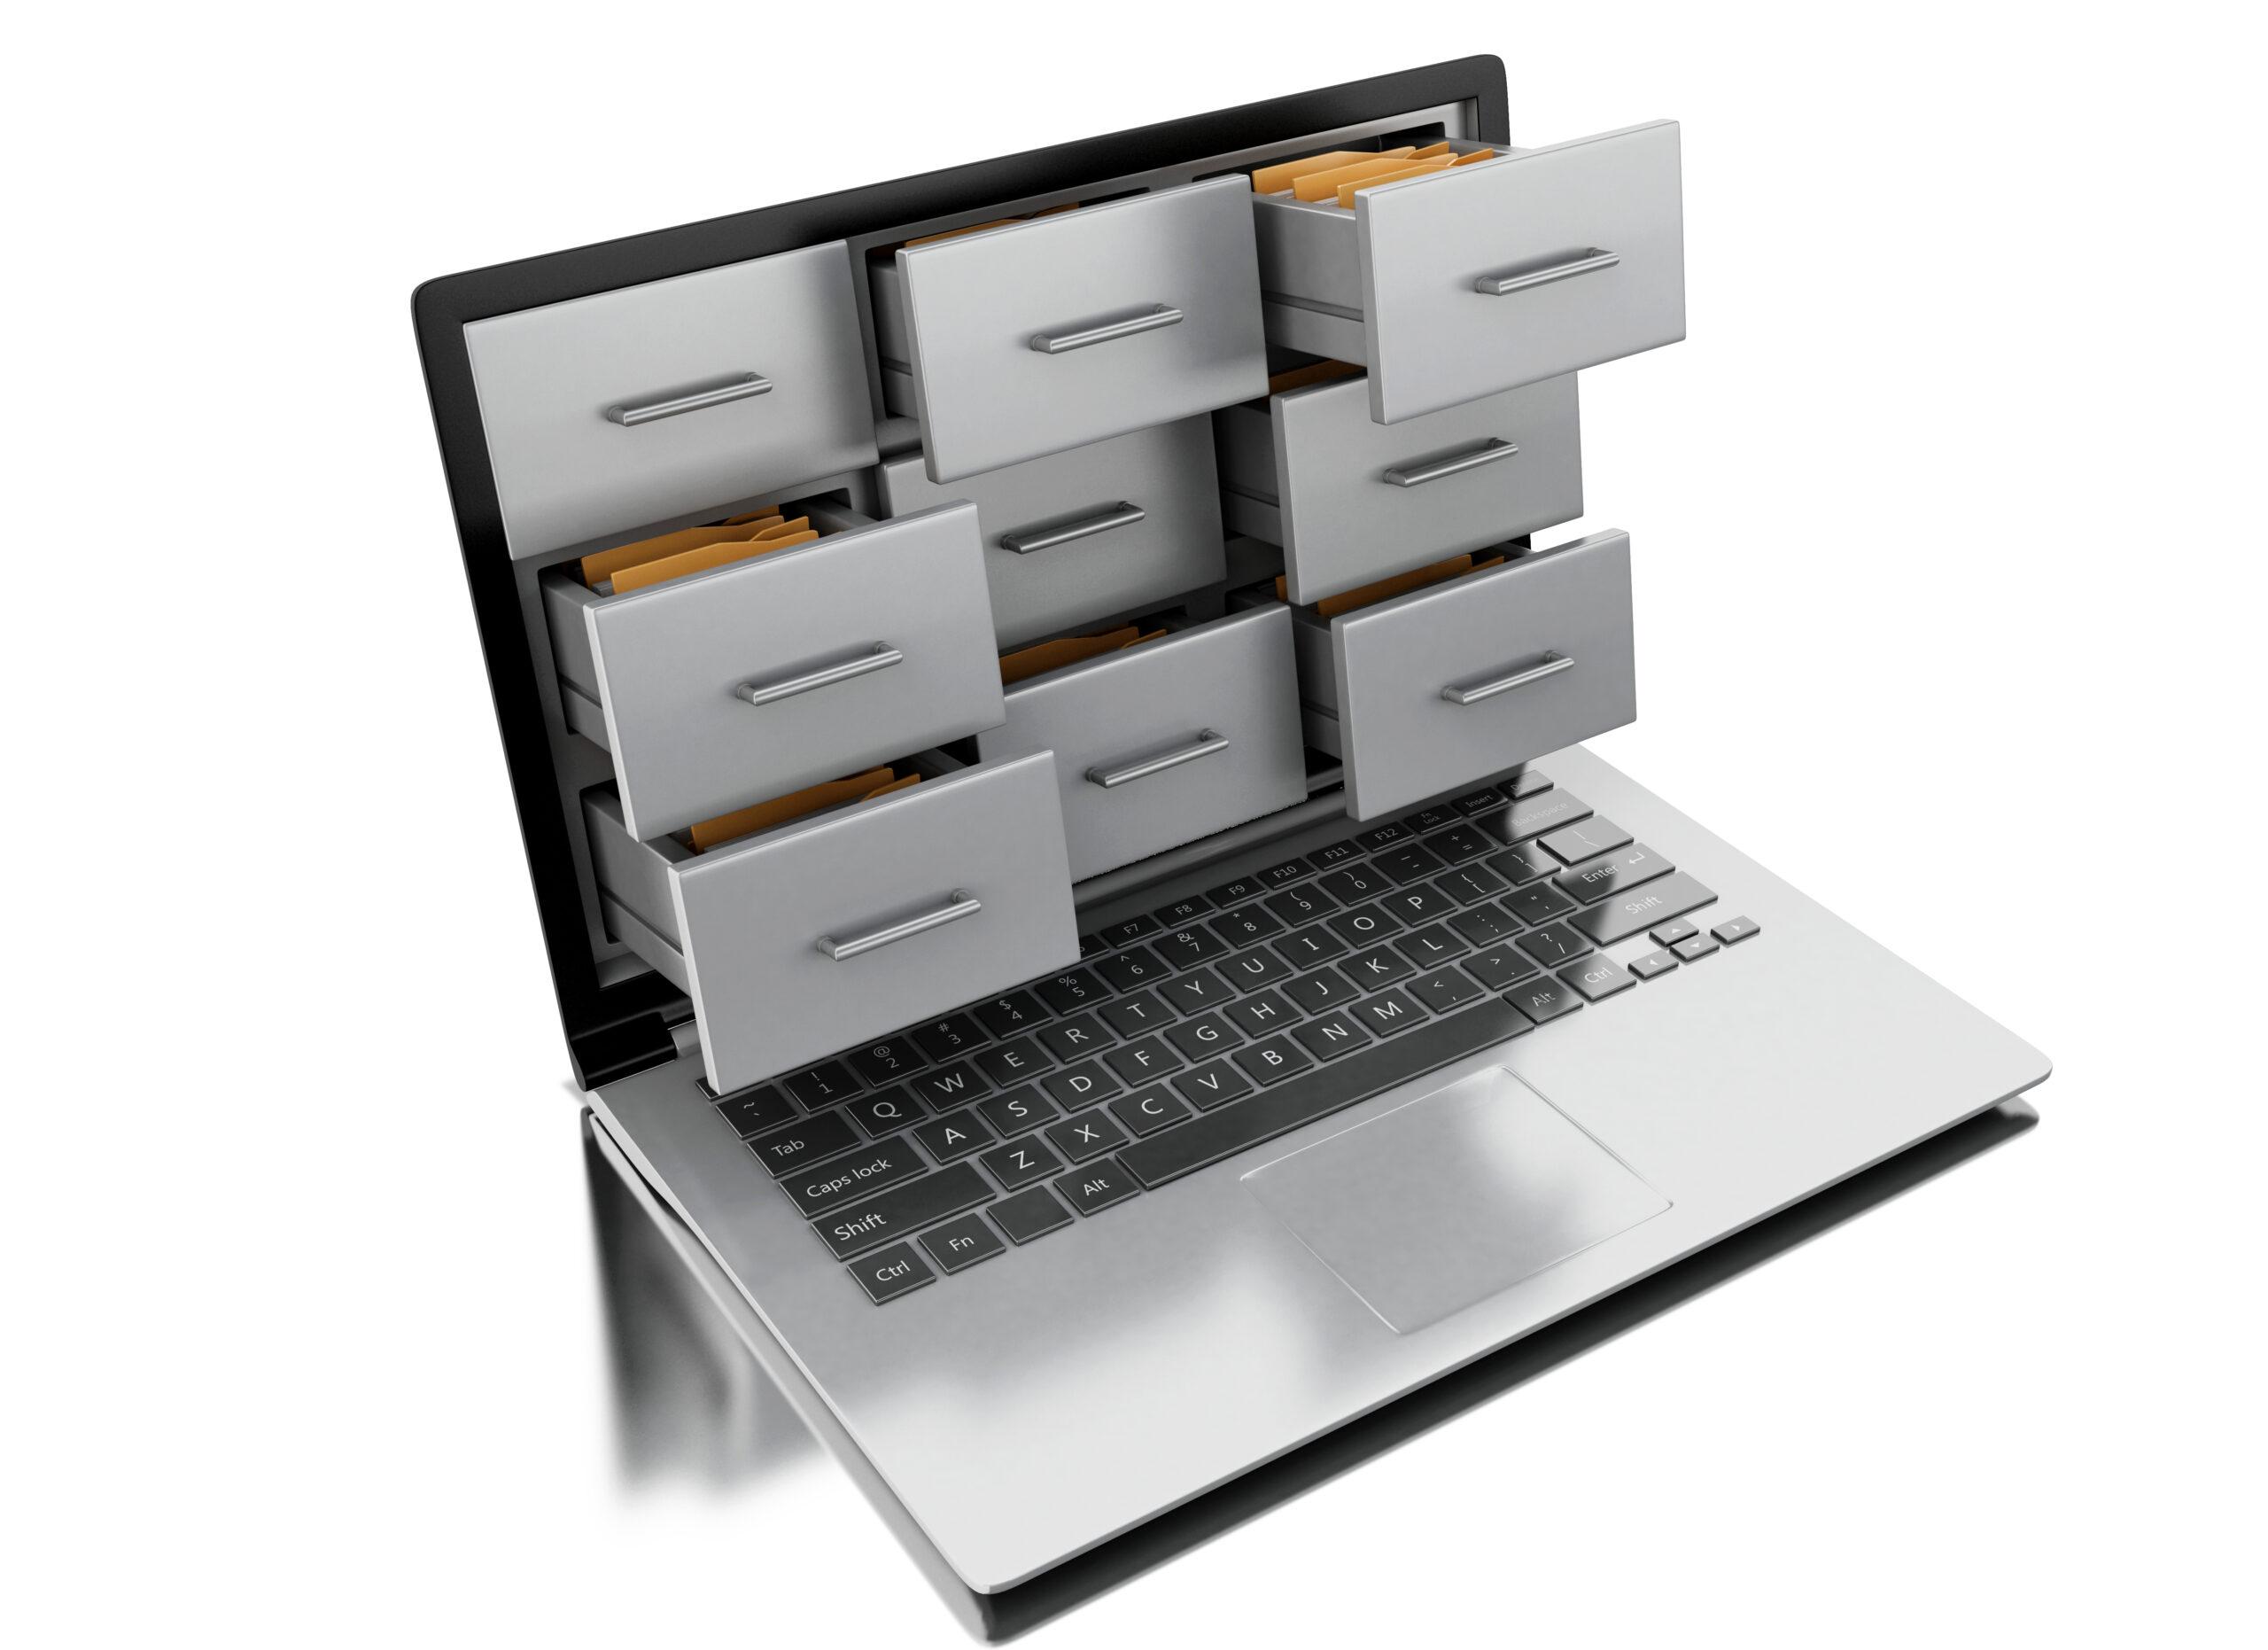 Armazenamento de arquivos na nuvem, Storage ou Backup